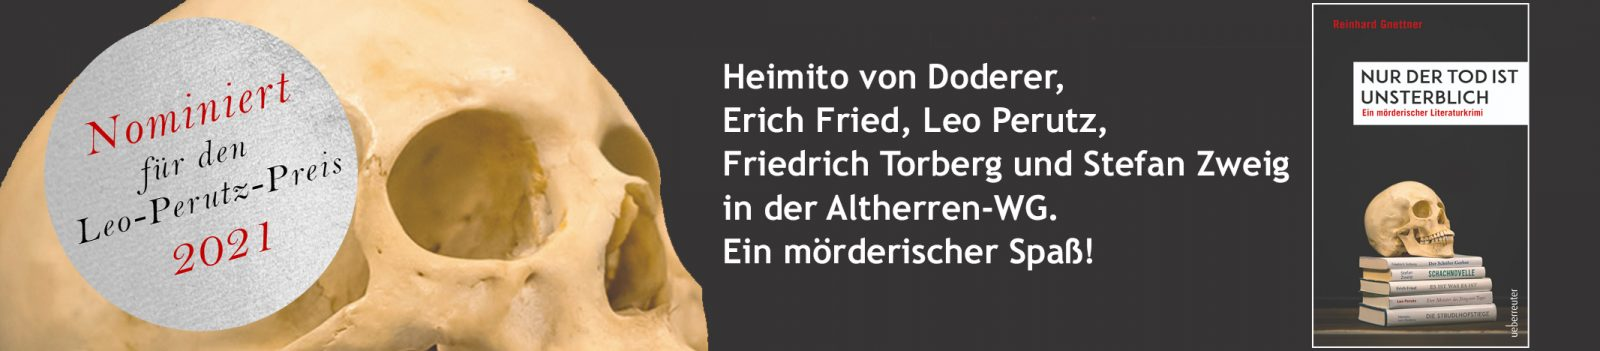 Gnettner_NurderTod_Perutz_Preis